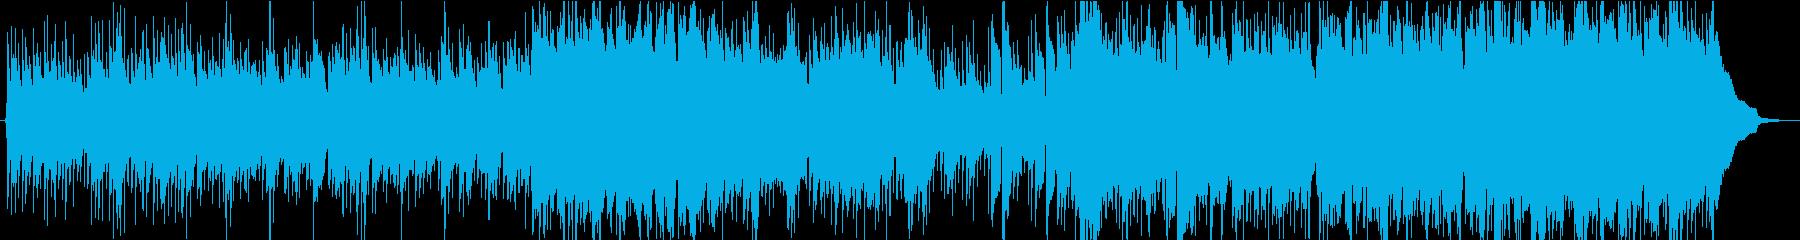 ケルトなキャンプなどに使えるBGMの再生済みの波形